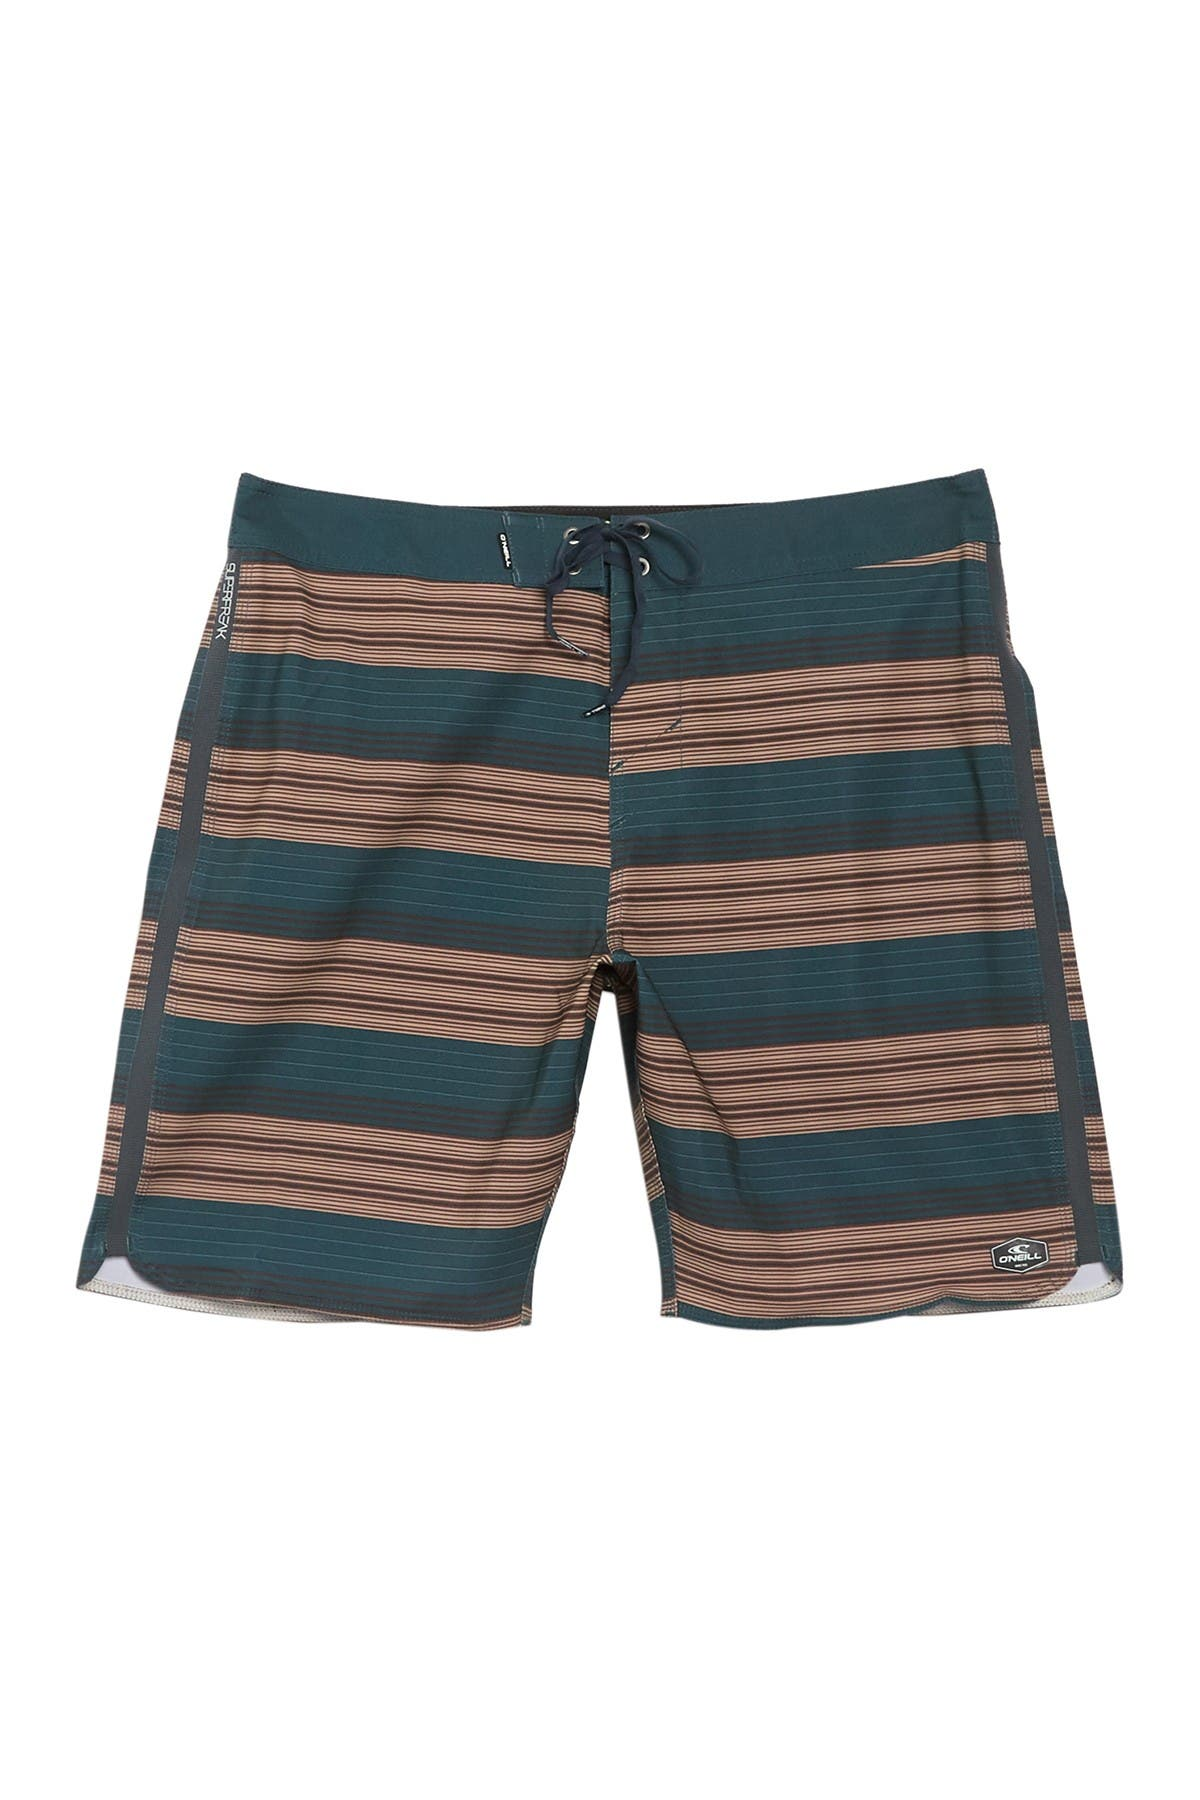 O'Neill Superfreak Stripe Board Shorts